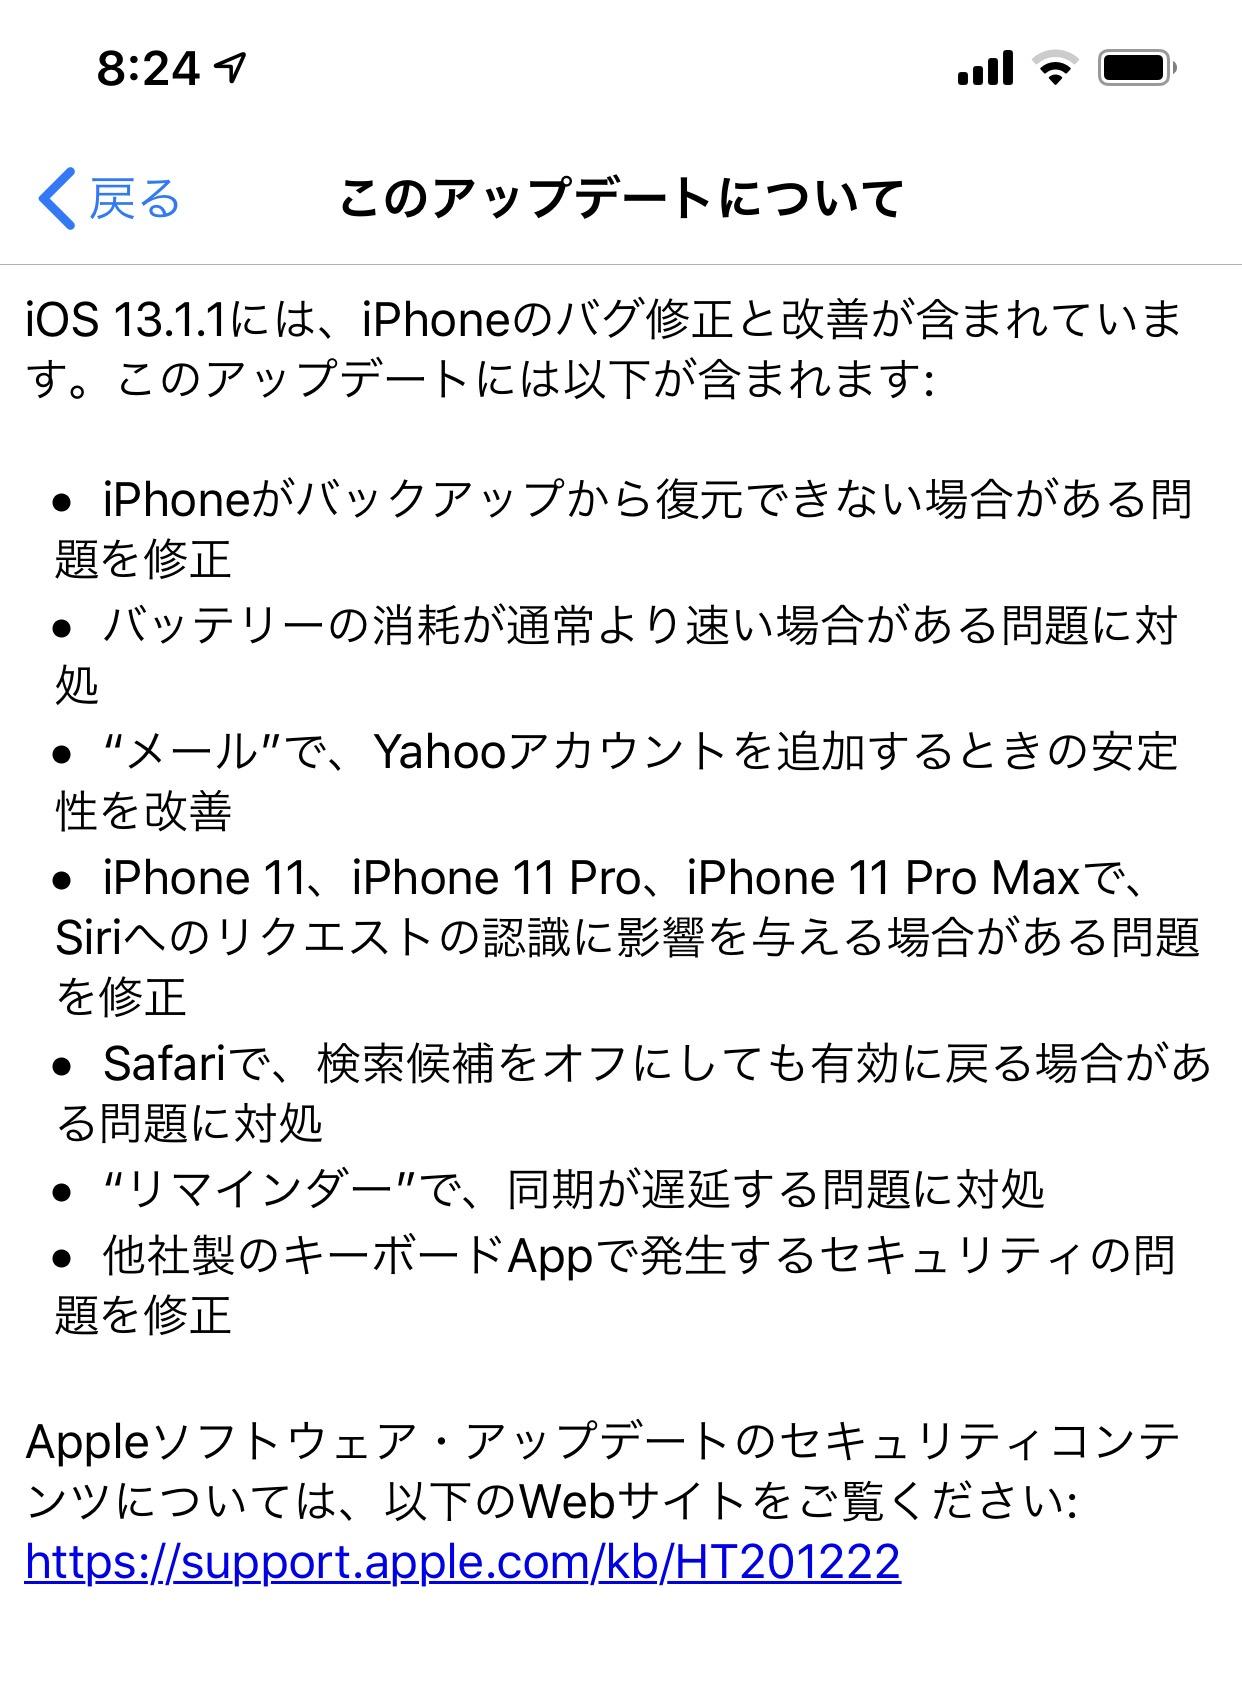 バグ修正と改善が含まれる「iOS 13.1.1 ソフトウェア・アップデート」リリース